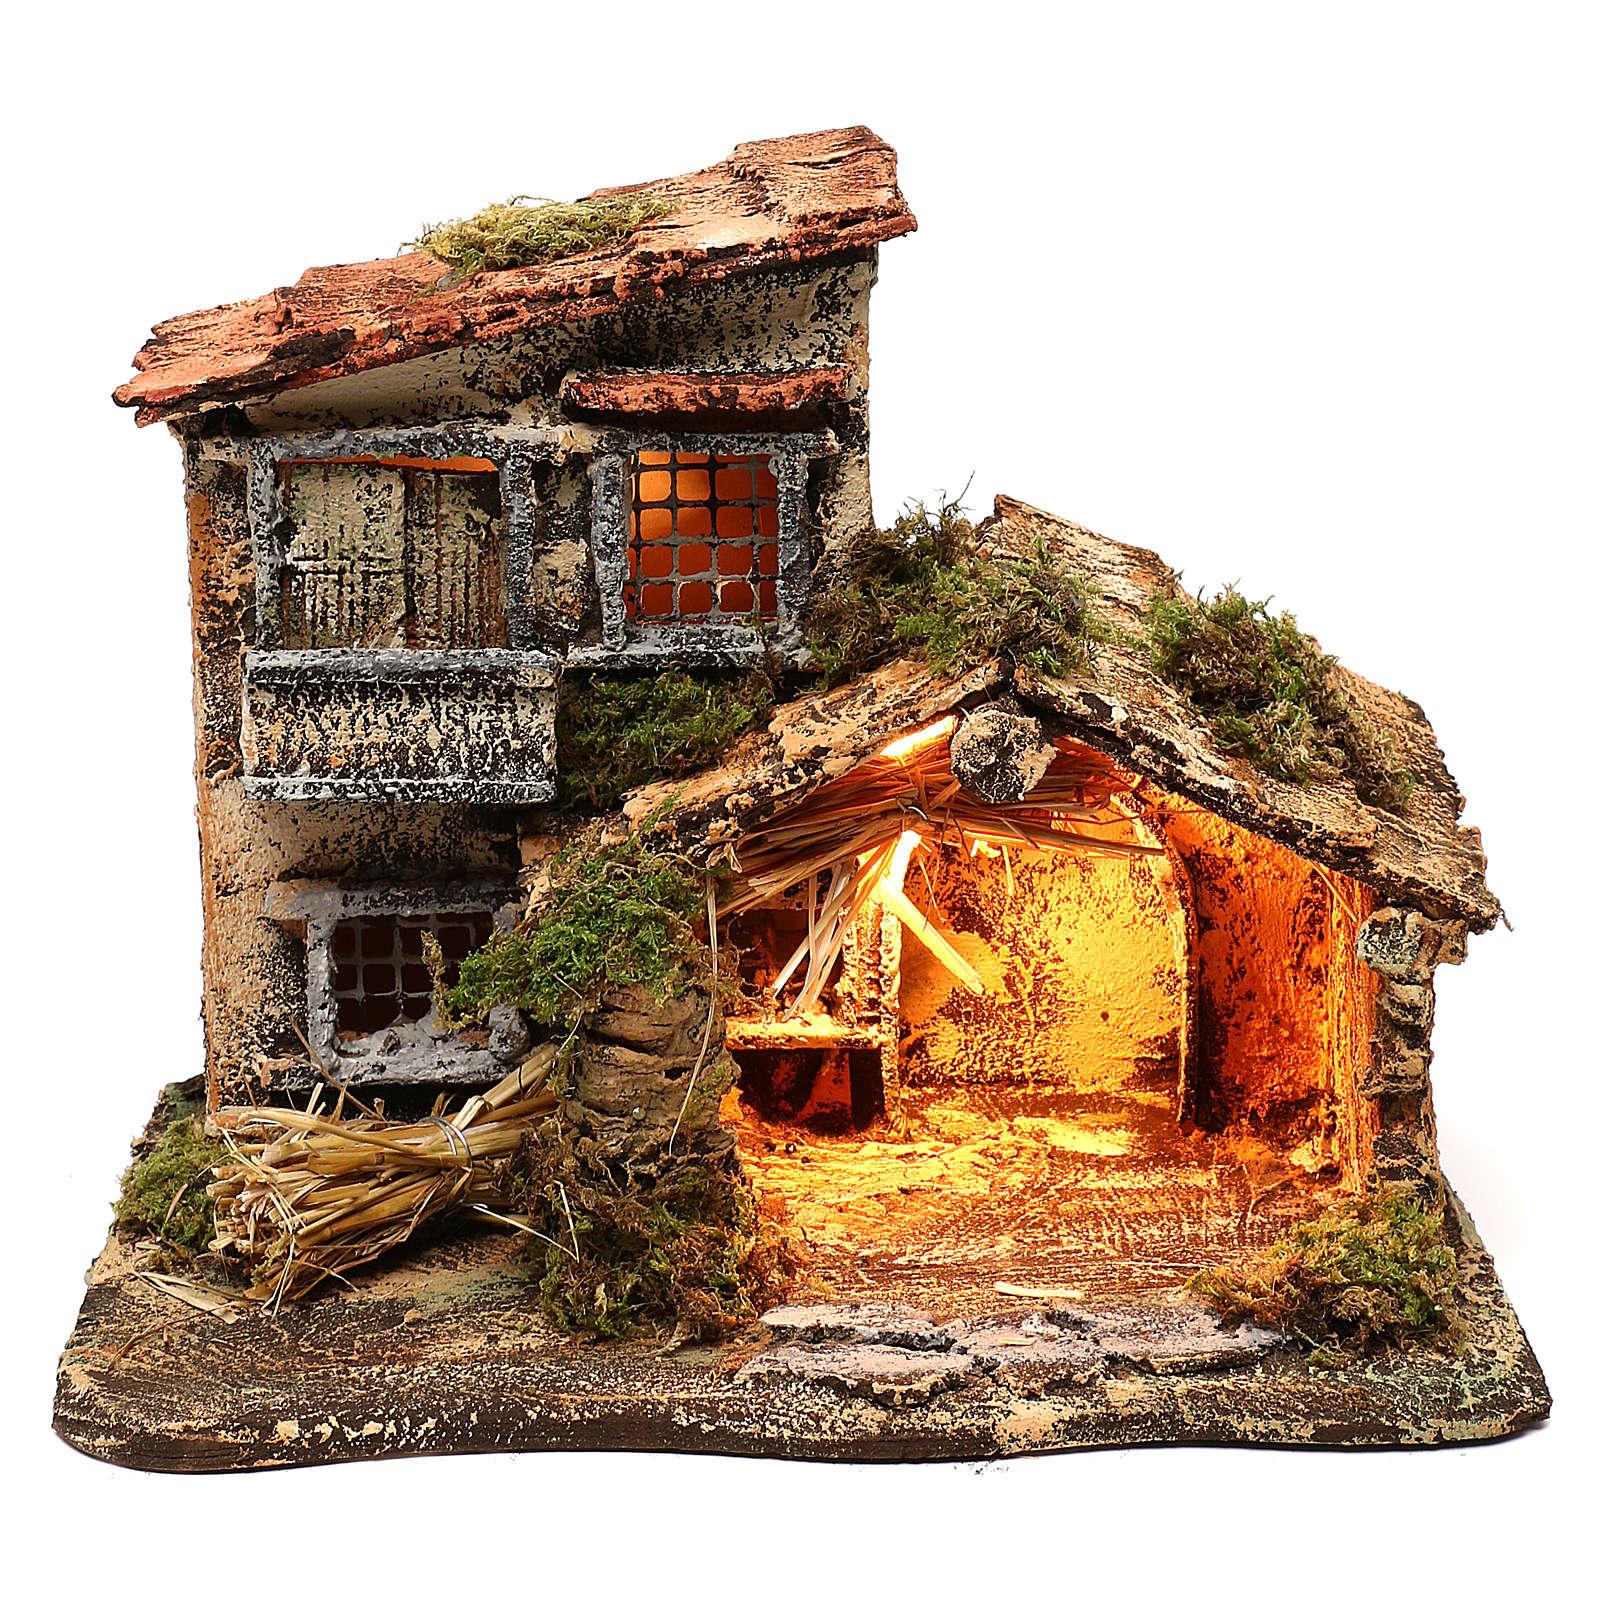 Cabane avec lumière pour crèche 35x25x30 cm 4